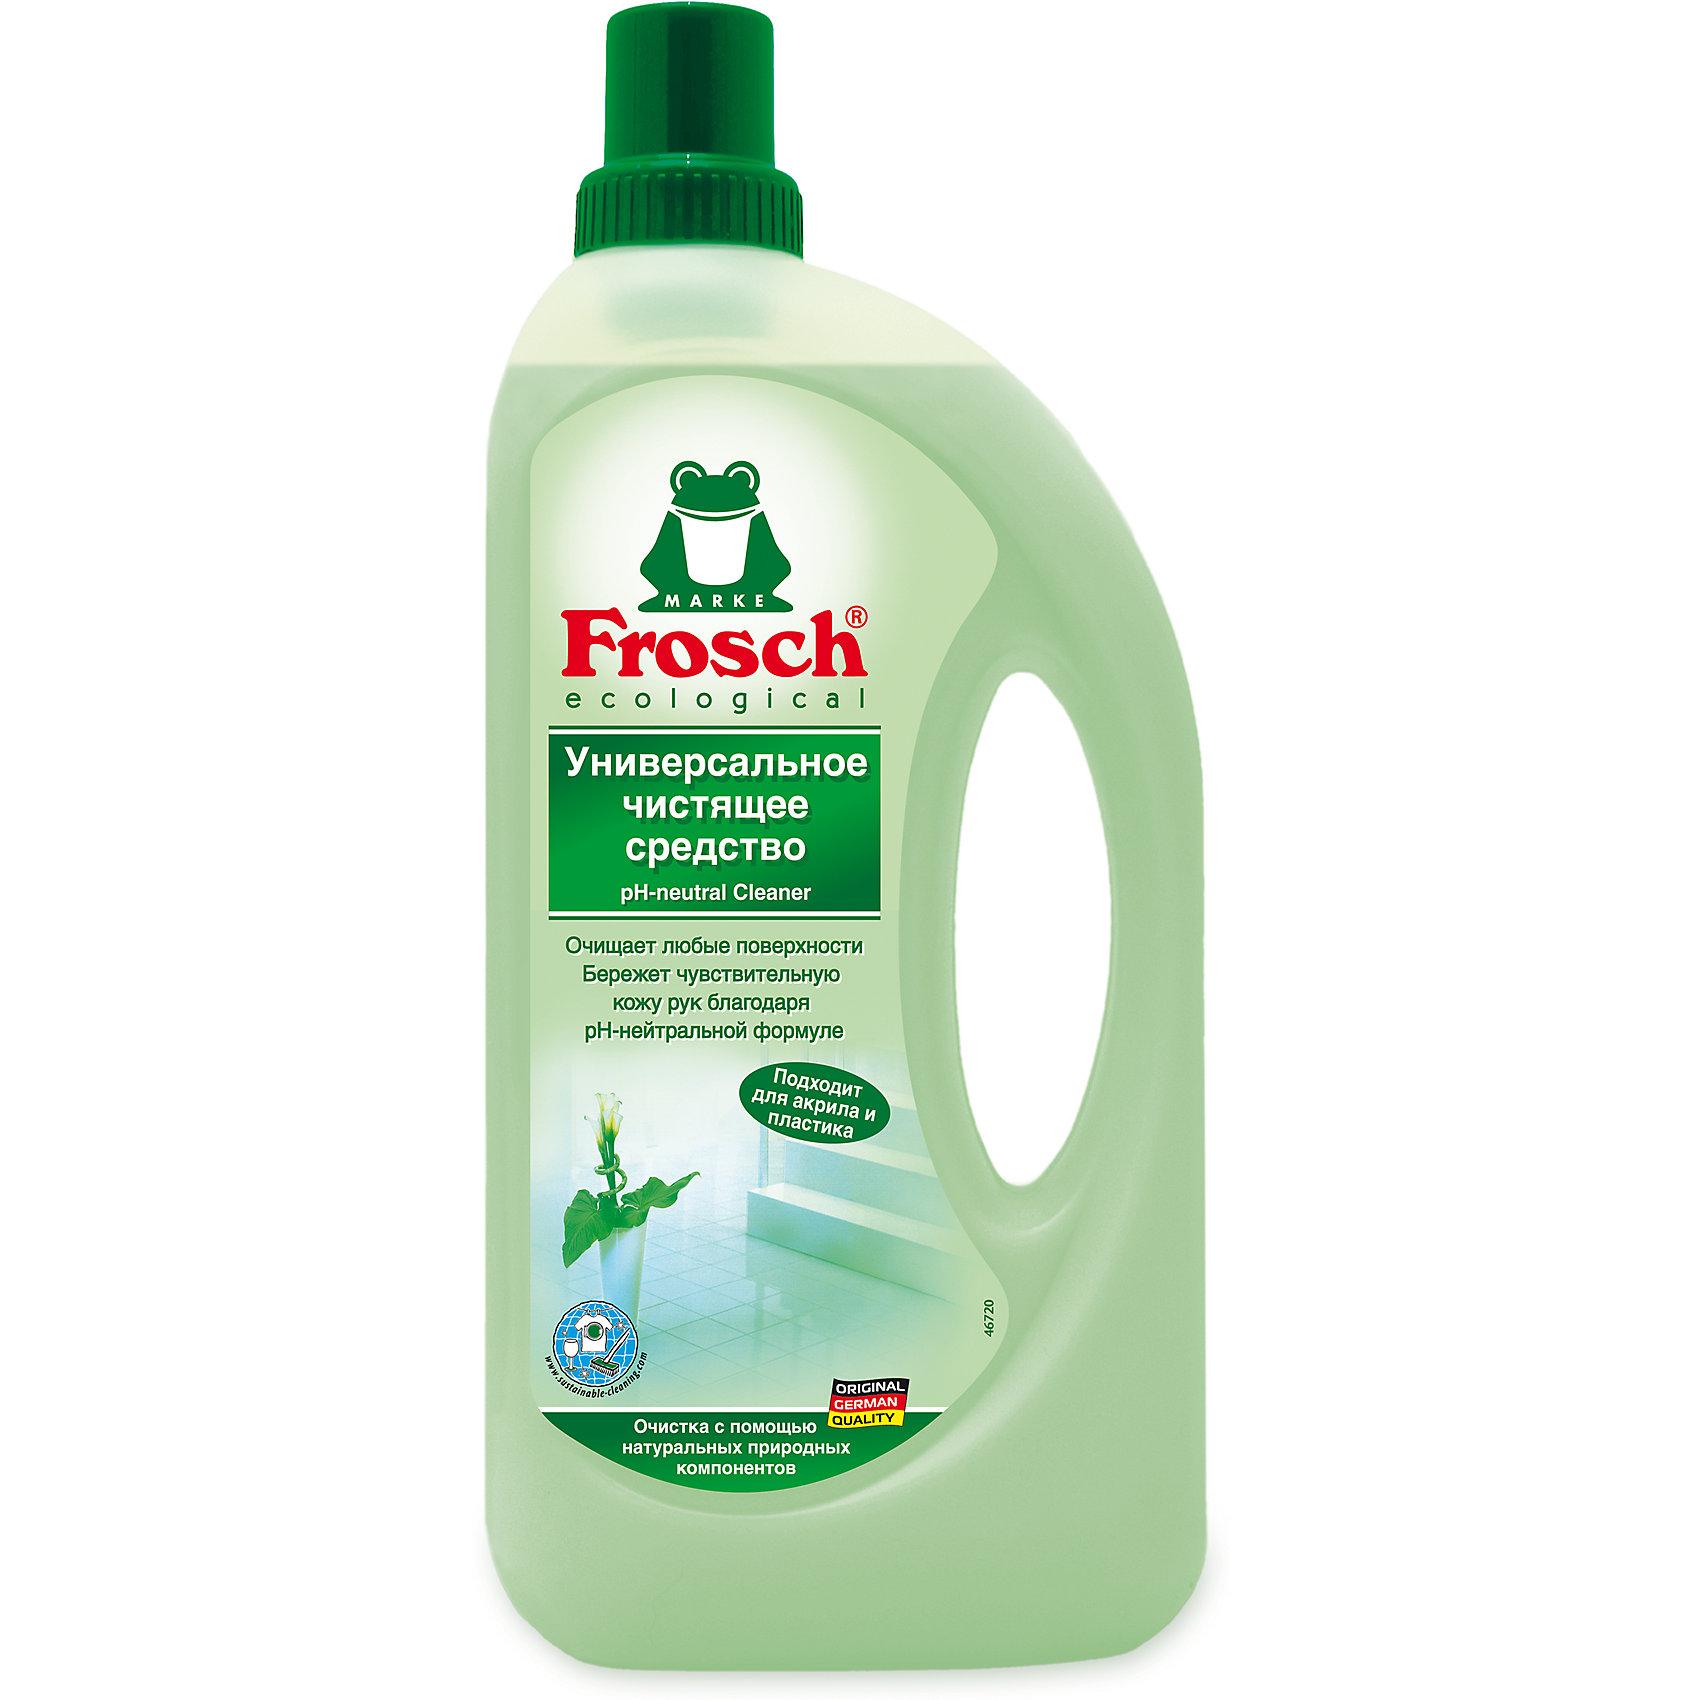 Универсальное чистящее средство, 1 л., Frosch (-)